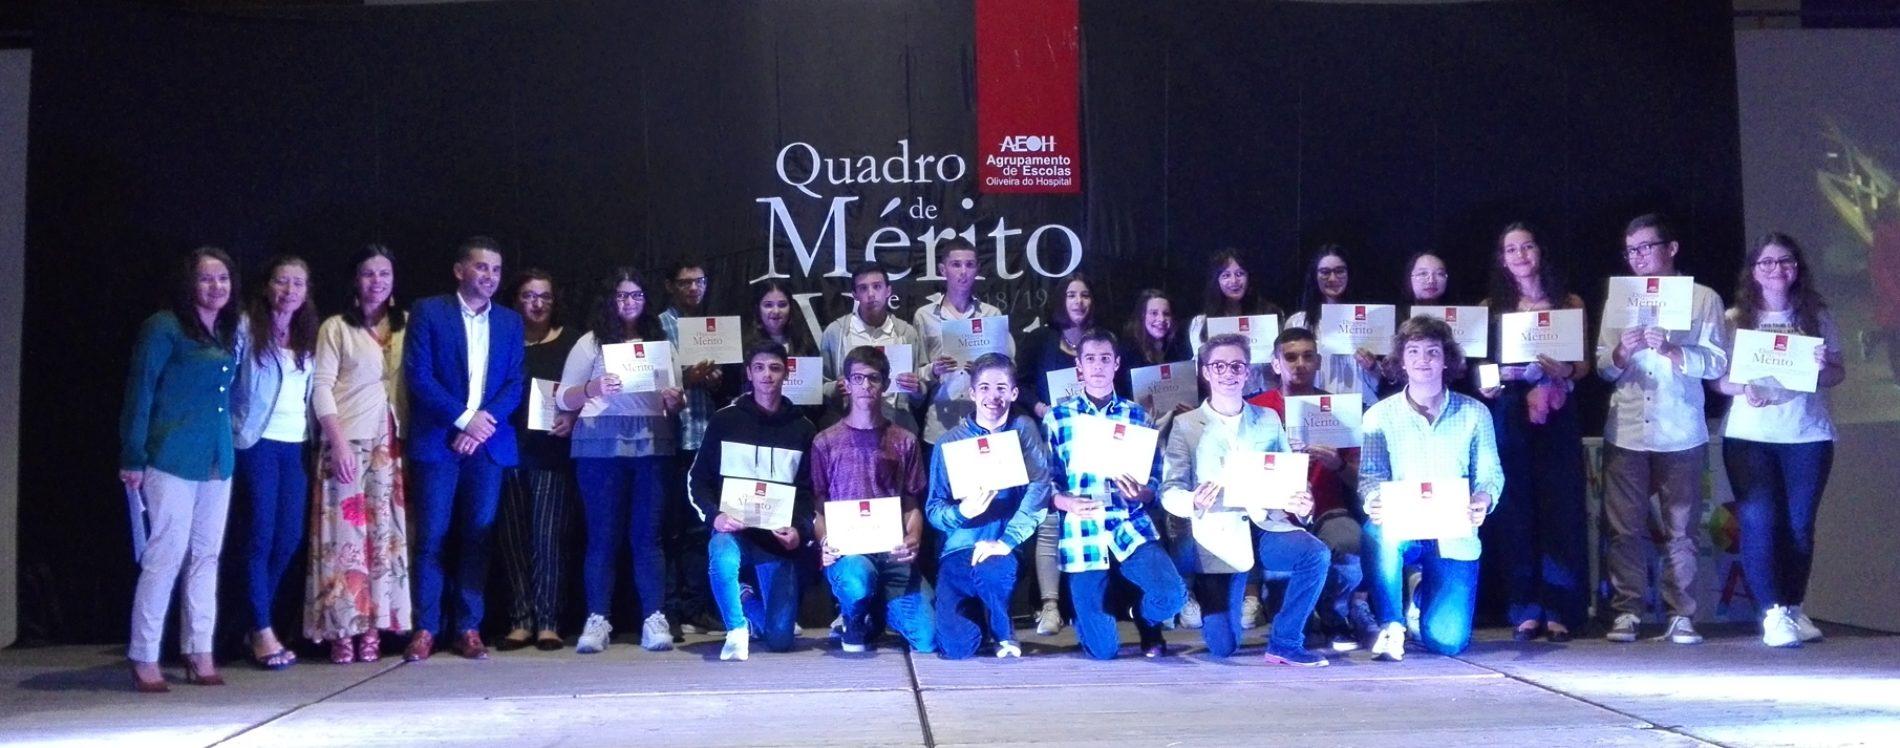 """Agrupamento de Escolas distinguiu 236 alunos em cerimónia de """"Quadro de Mérito e Valor"""" (com vídeo)"""